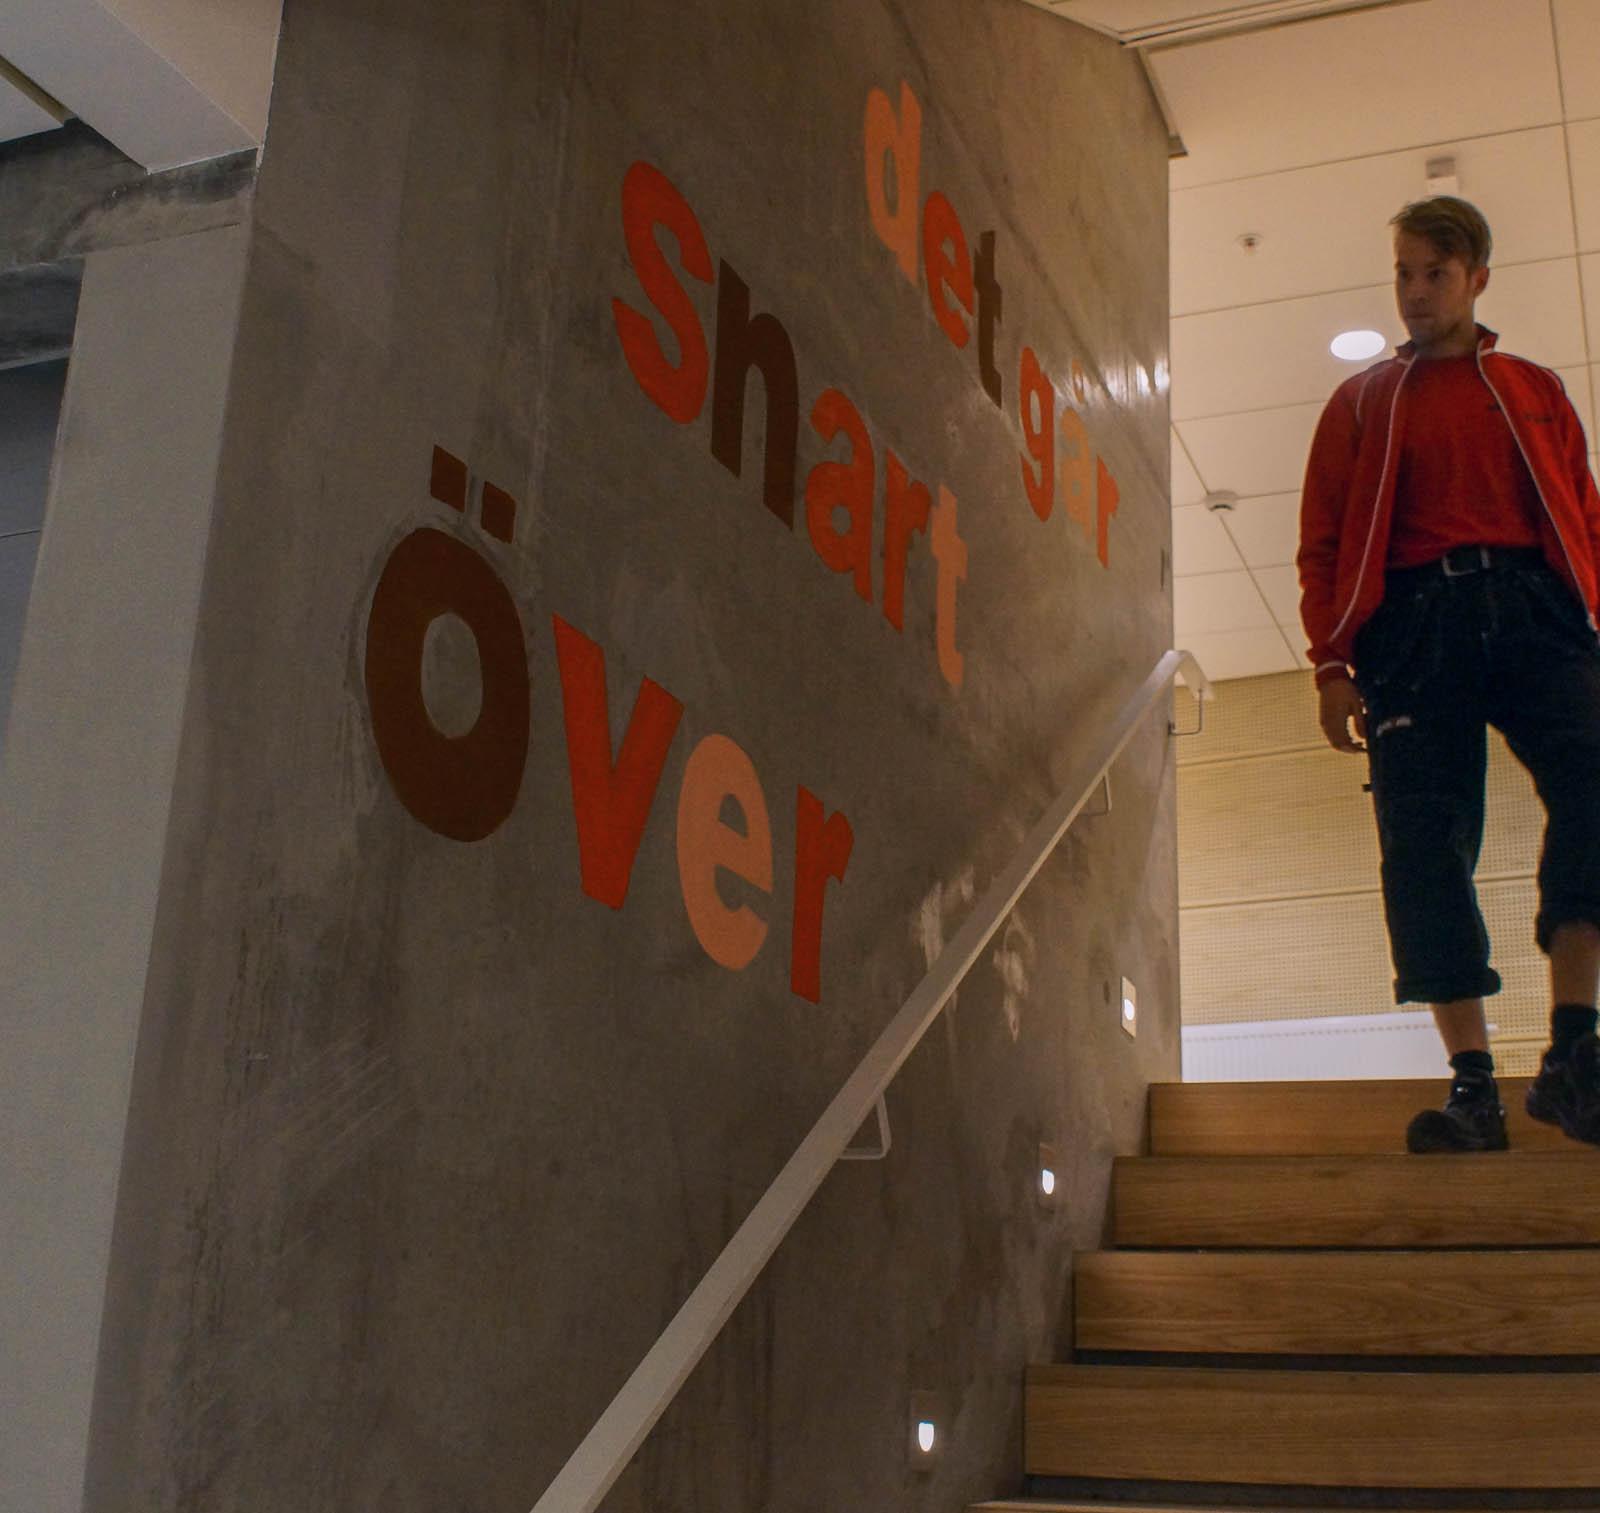 """Betongvägg med ett trappräcke och olikfärgade bokstäver som bildar texten: """"Det går snart över."""" Annika Ström, men vänta nu, 2014."""